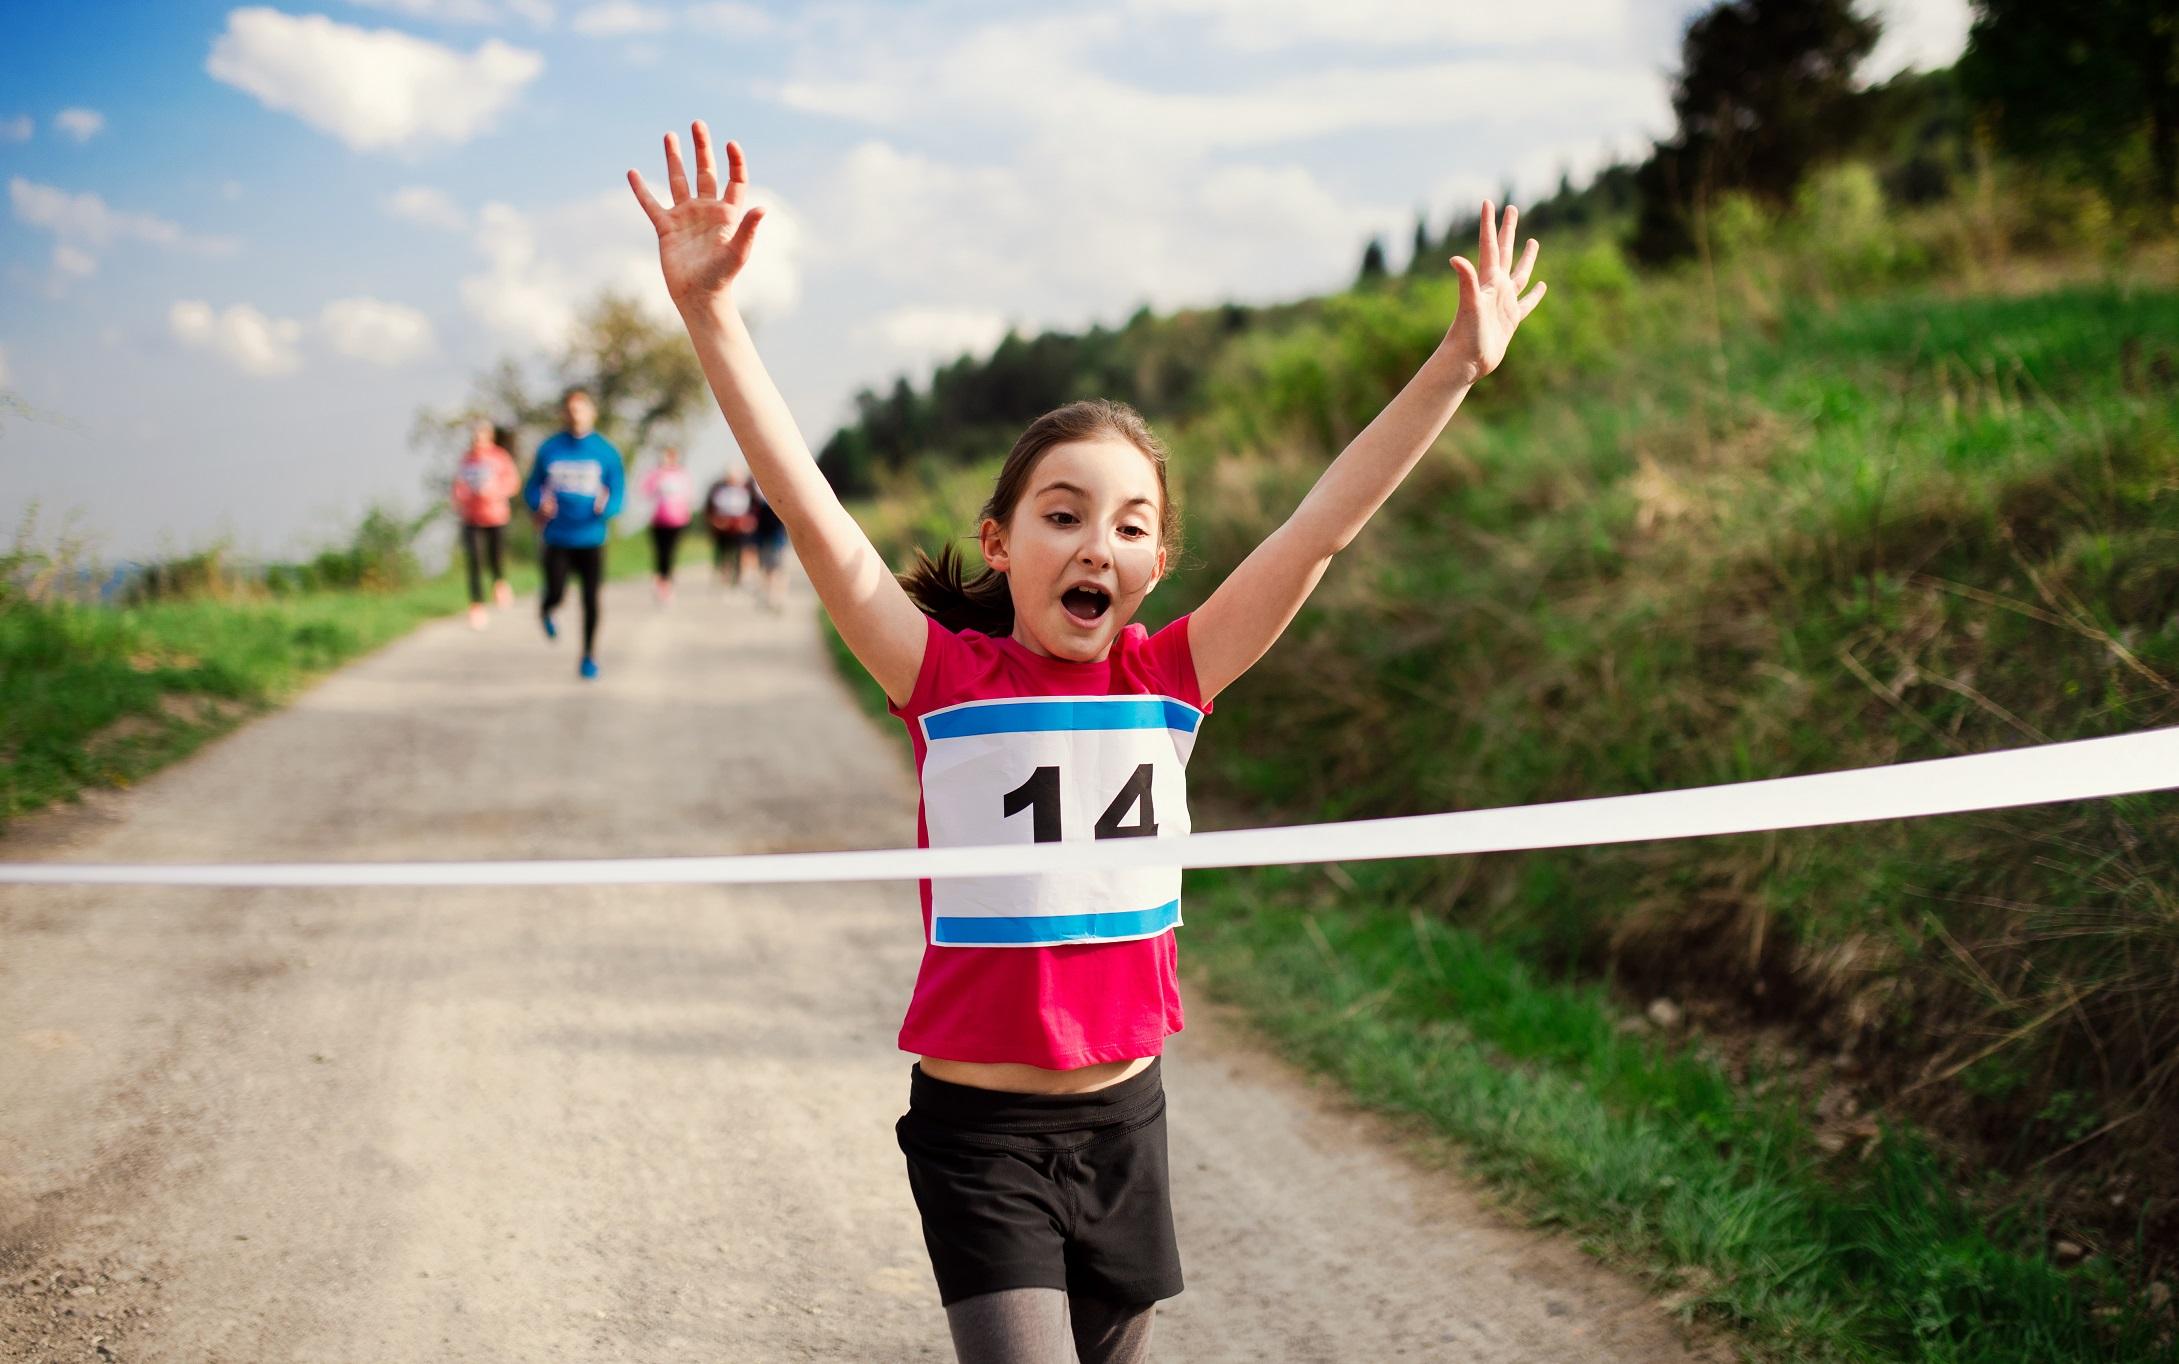 Corrida infantil: como deve ser tratada e qual o papel dos pais? - Foto: Adobe Stock